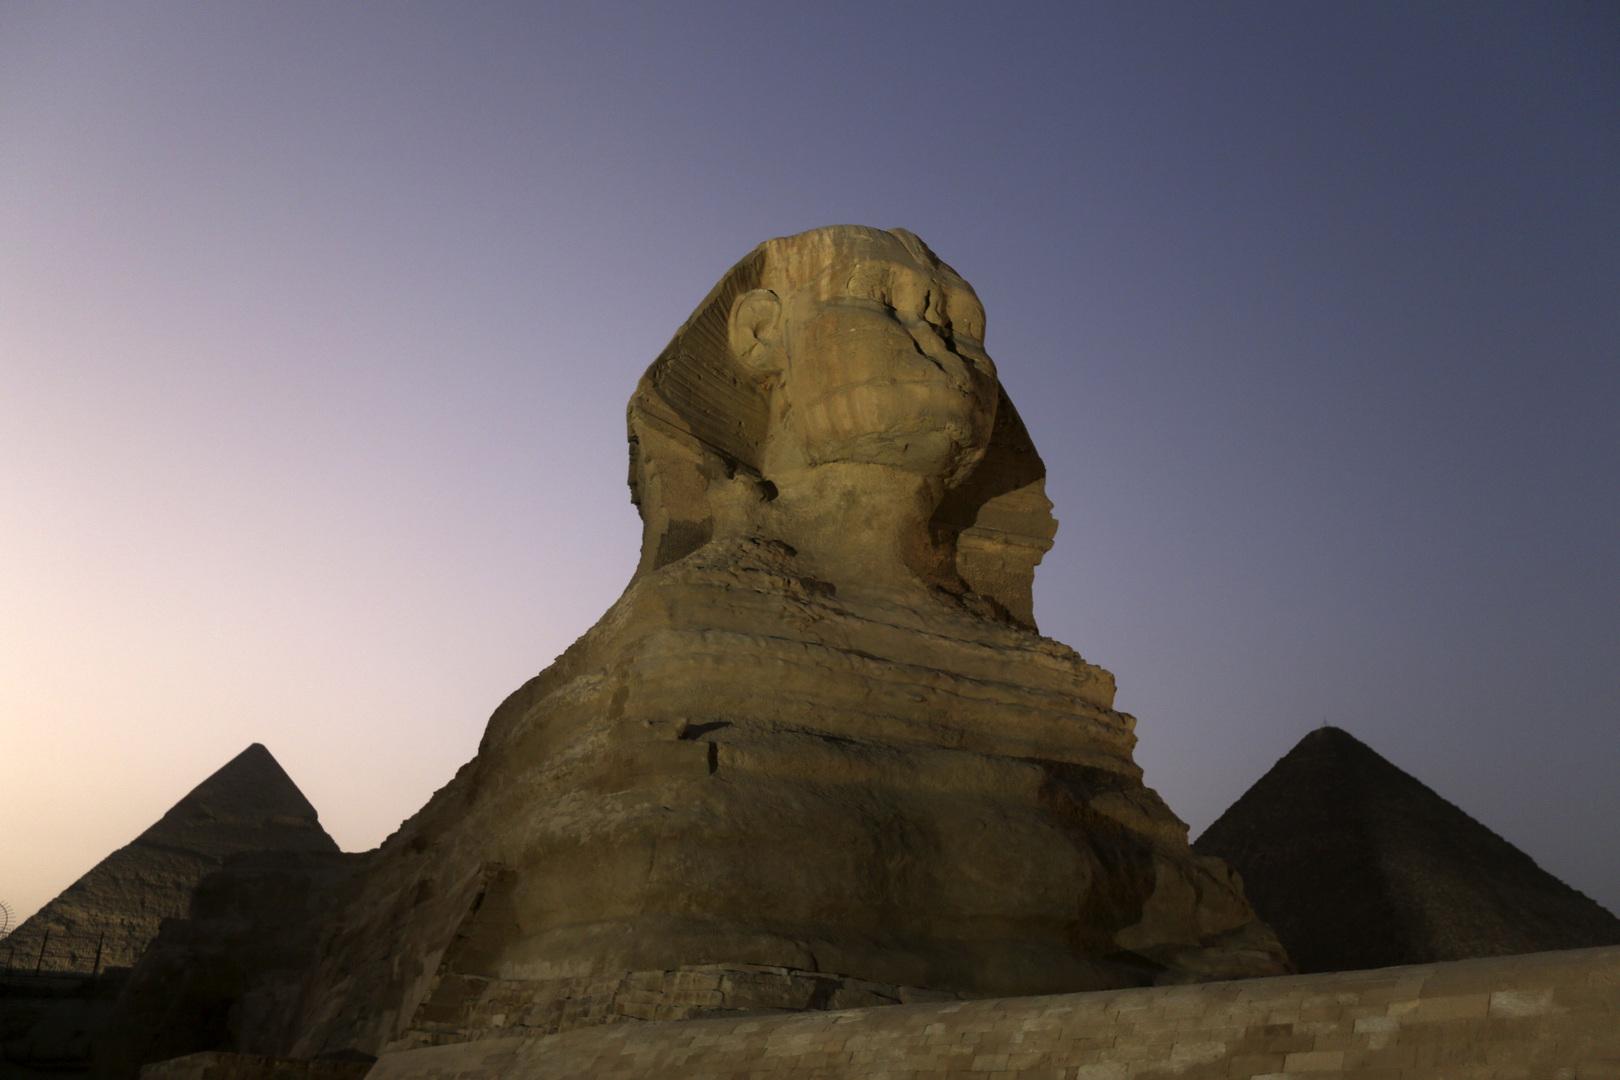 وزارة الآثار المصرية تكذب خبر العثور على مومياء لحيوان يشبه أبو الهول